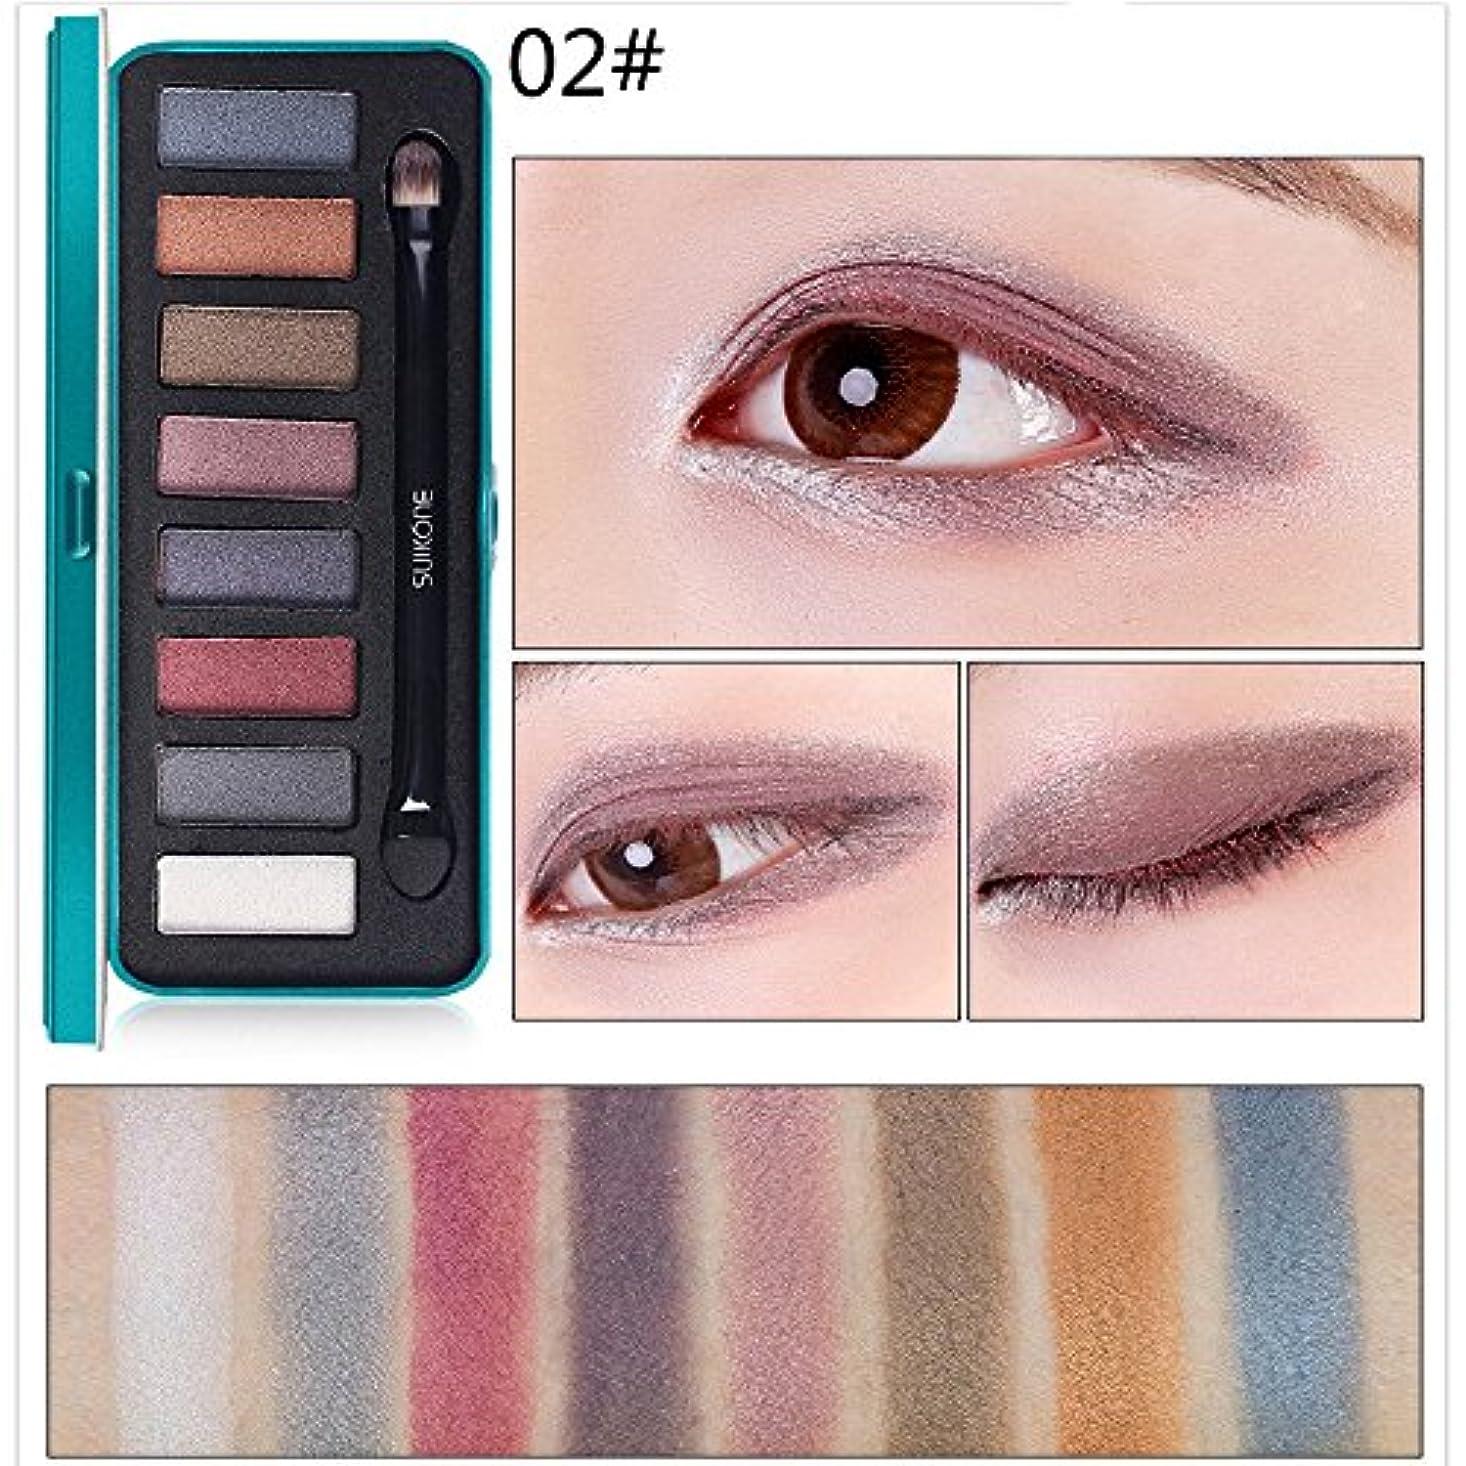 スキャンダルドレイン傾向Akane アイシャドウパレット Suikone ファッション 人気 気質的 綺麗 メタルボックス 魅力的 チャーム 防水 長持ち おしゃれ 持ち便利 Eye Shadow (8色)